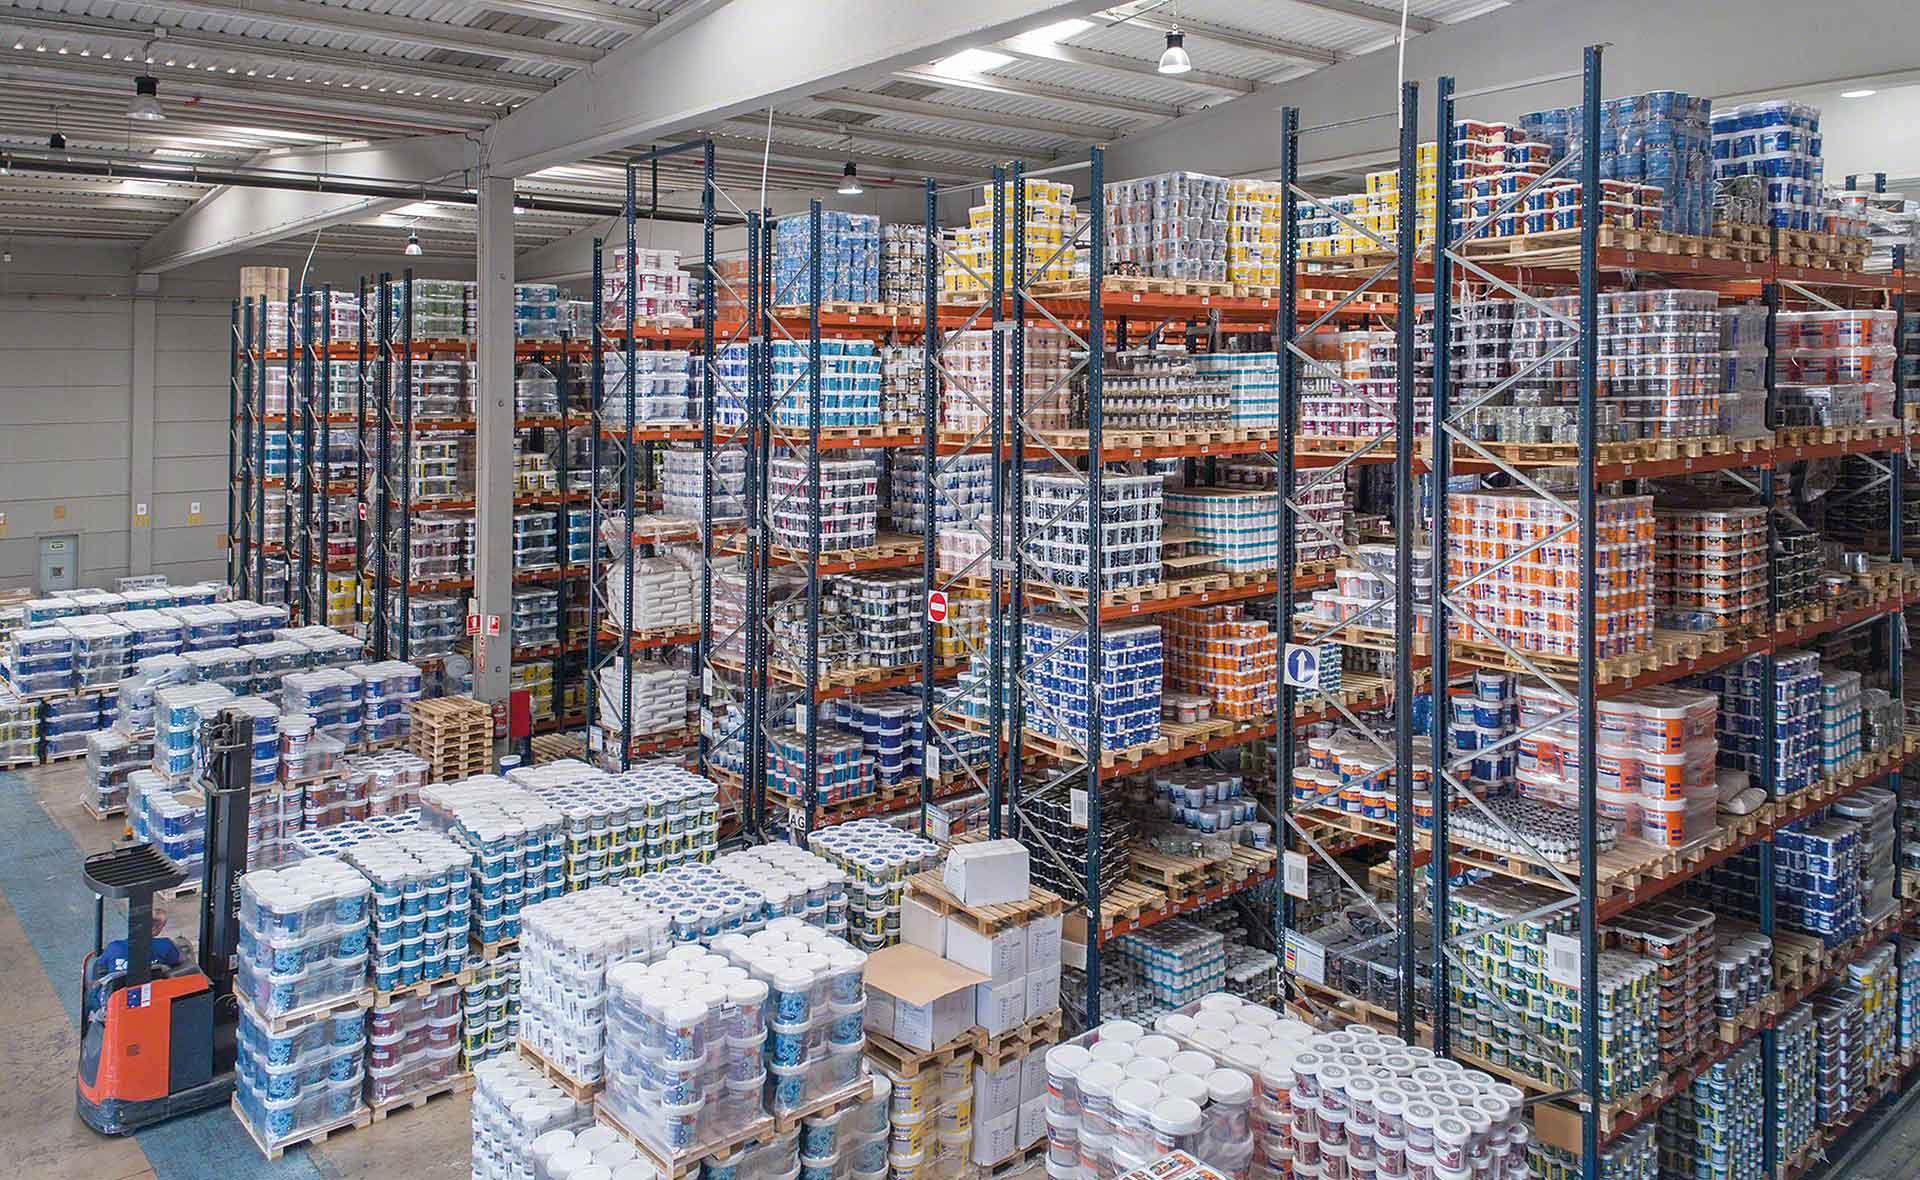 Le nettoyage est indispensable au bon fonctionnement et à la bonne organisation d'un entrepôt